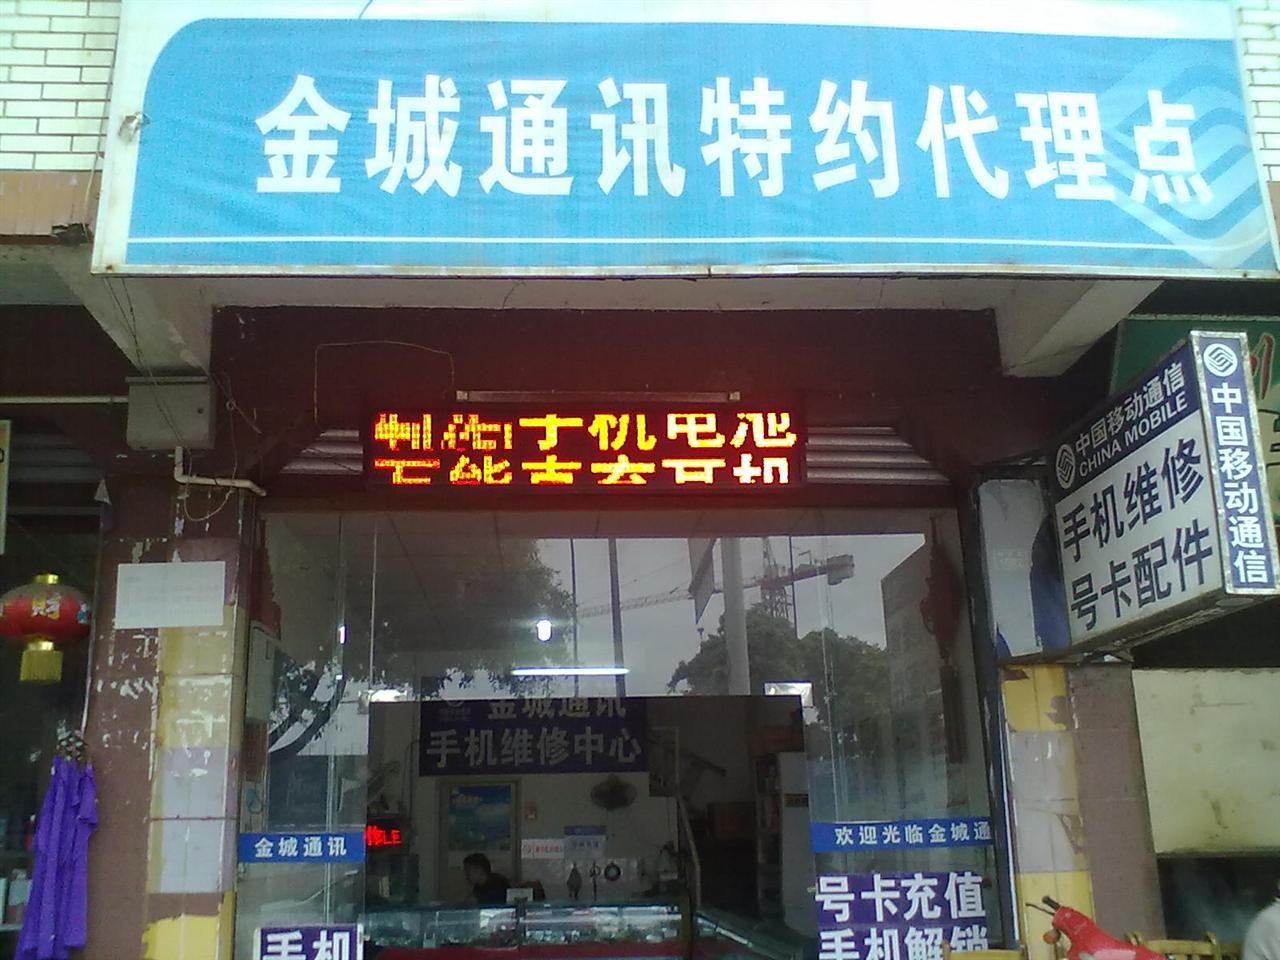 店铺门面 手机店装修效果图 手机店门头 手机店pop手写海报